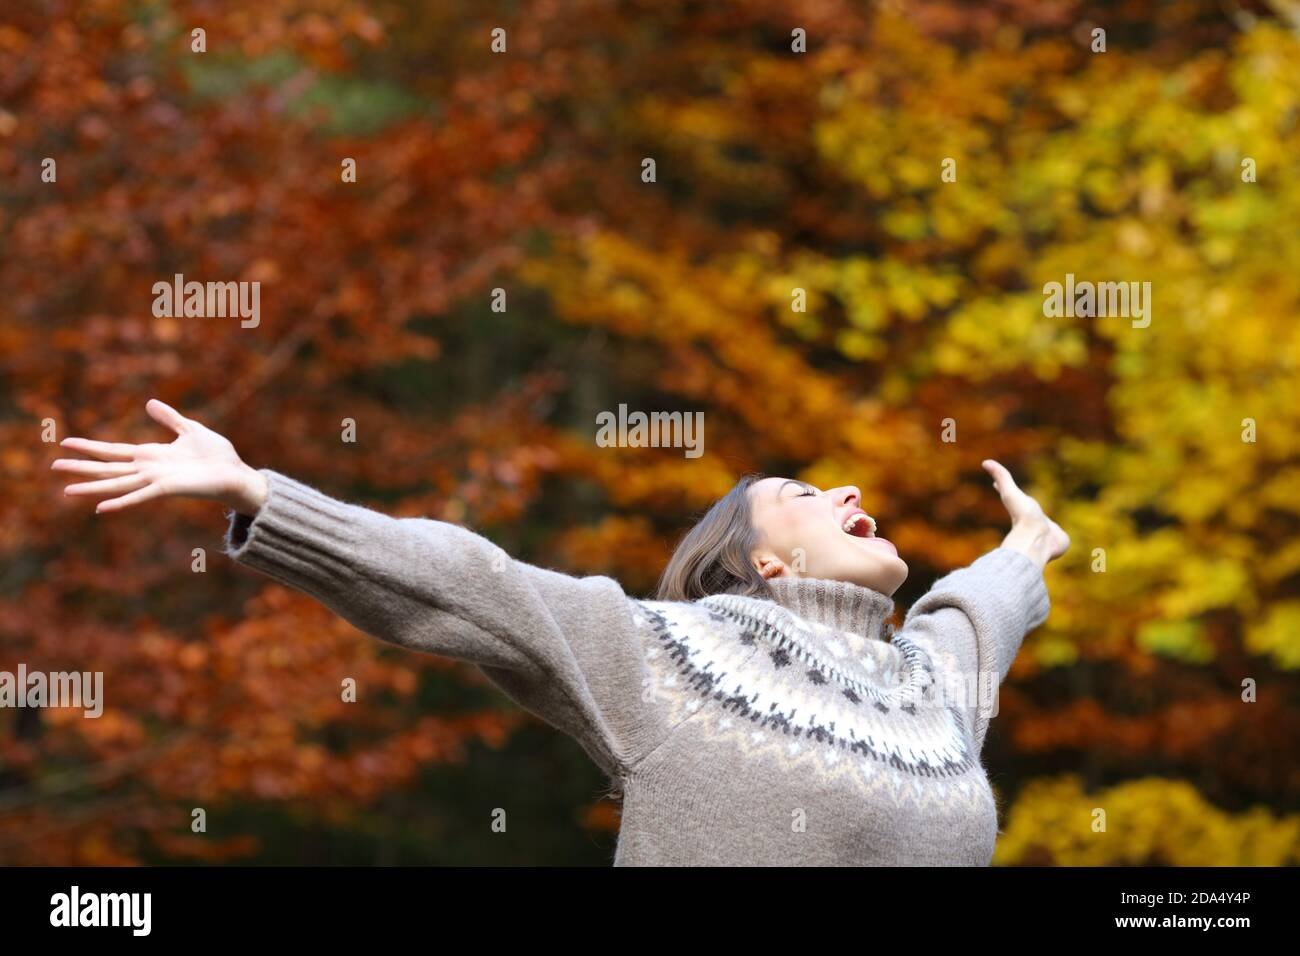 Femme excitée célébrant l'automne s'étirant les bras dans une belle forêt Banque D'Images